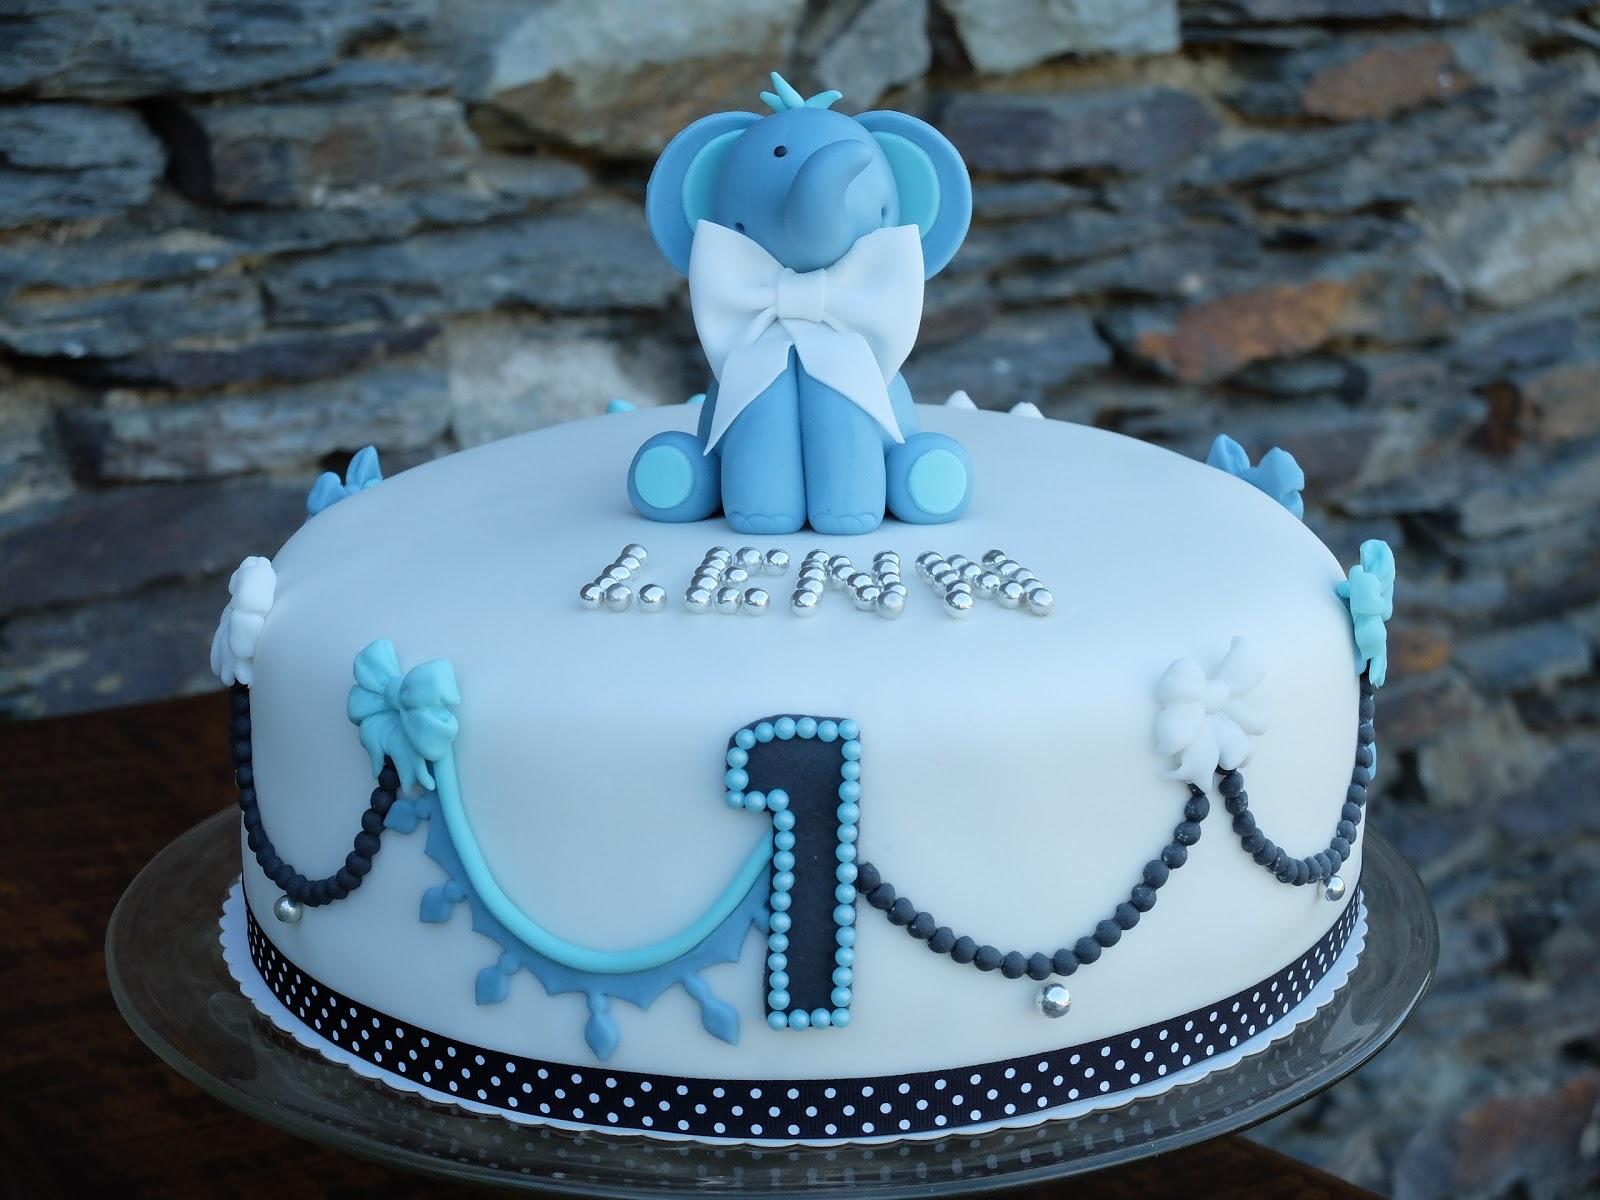 Jil's Fluffy Pastries: Torte Zum 1 Geburtstag - Kleiner Elefant in Geburtstagstorte Zum 1 Geburtstag